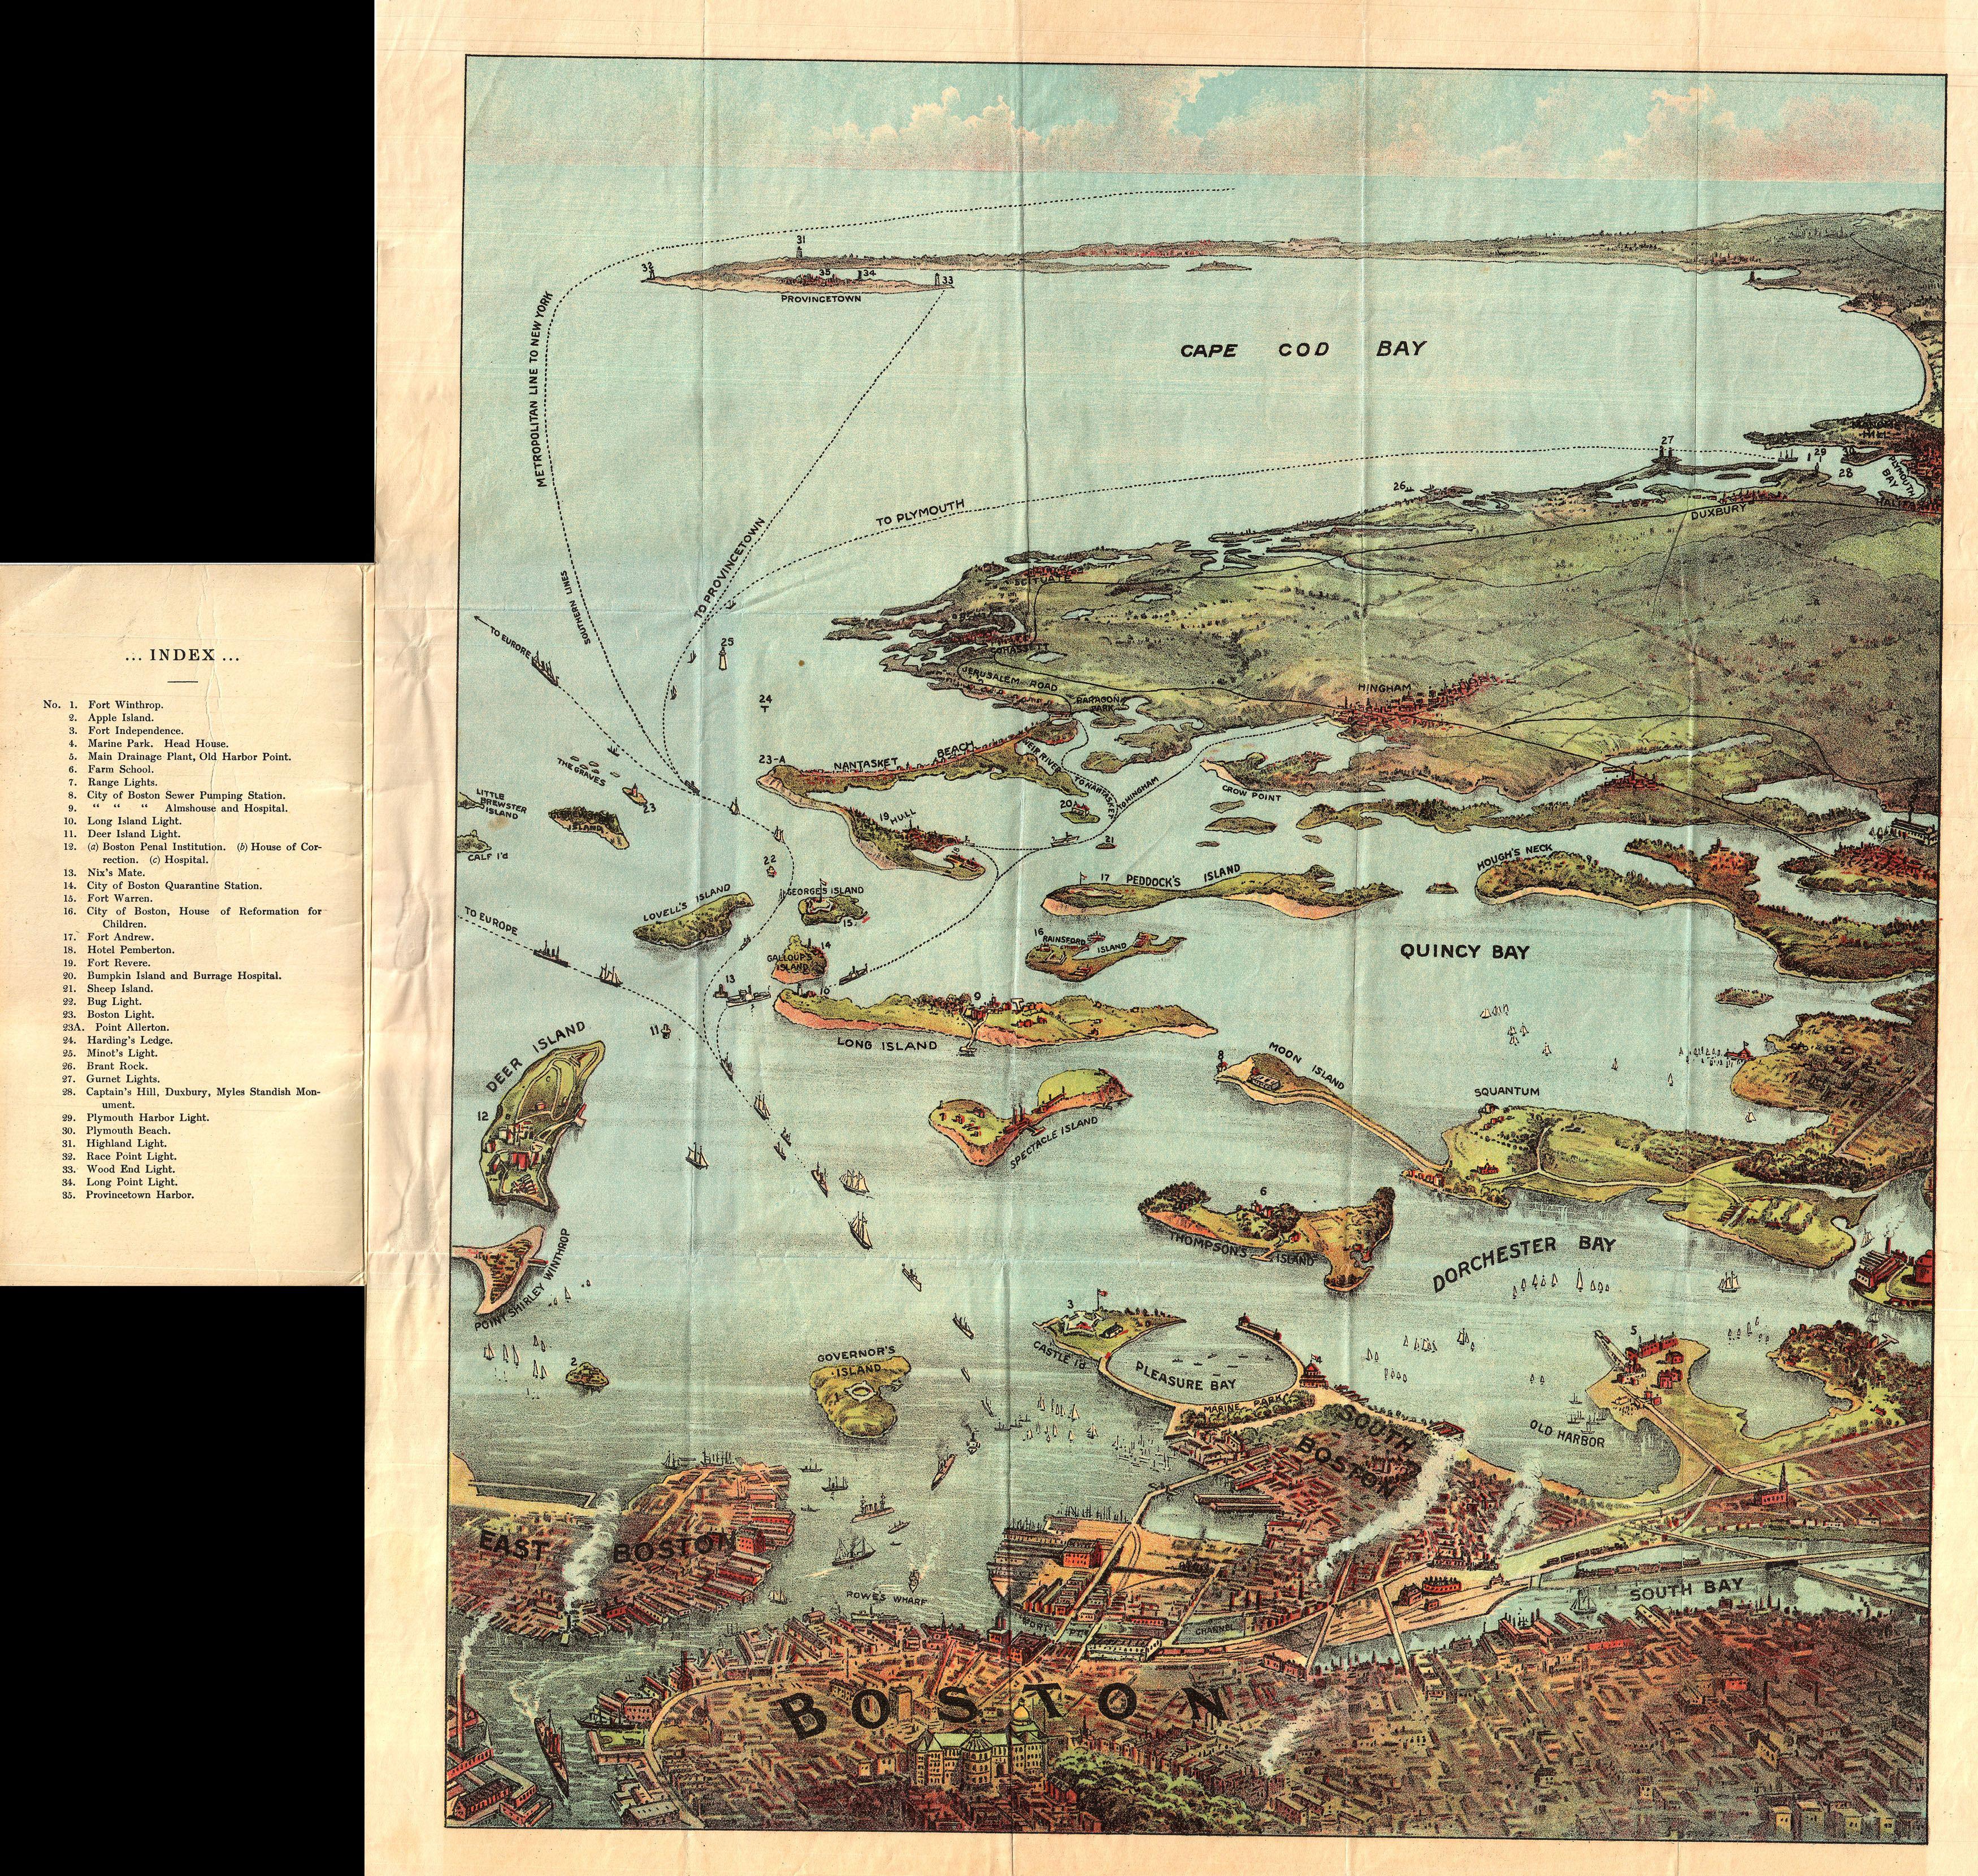 map boston to cape cod File 1890 View Map Of Boston Habor From Boston To Cape Cod And map boston to cape cod